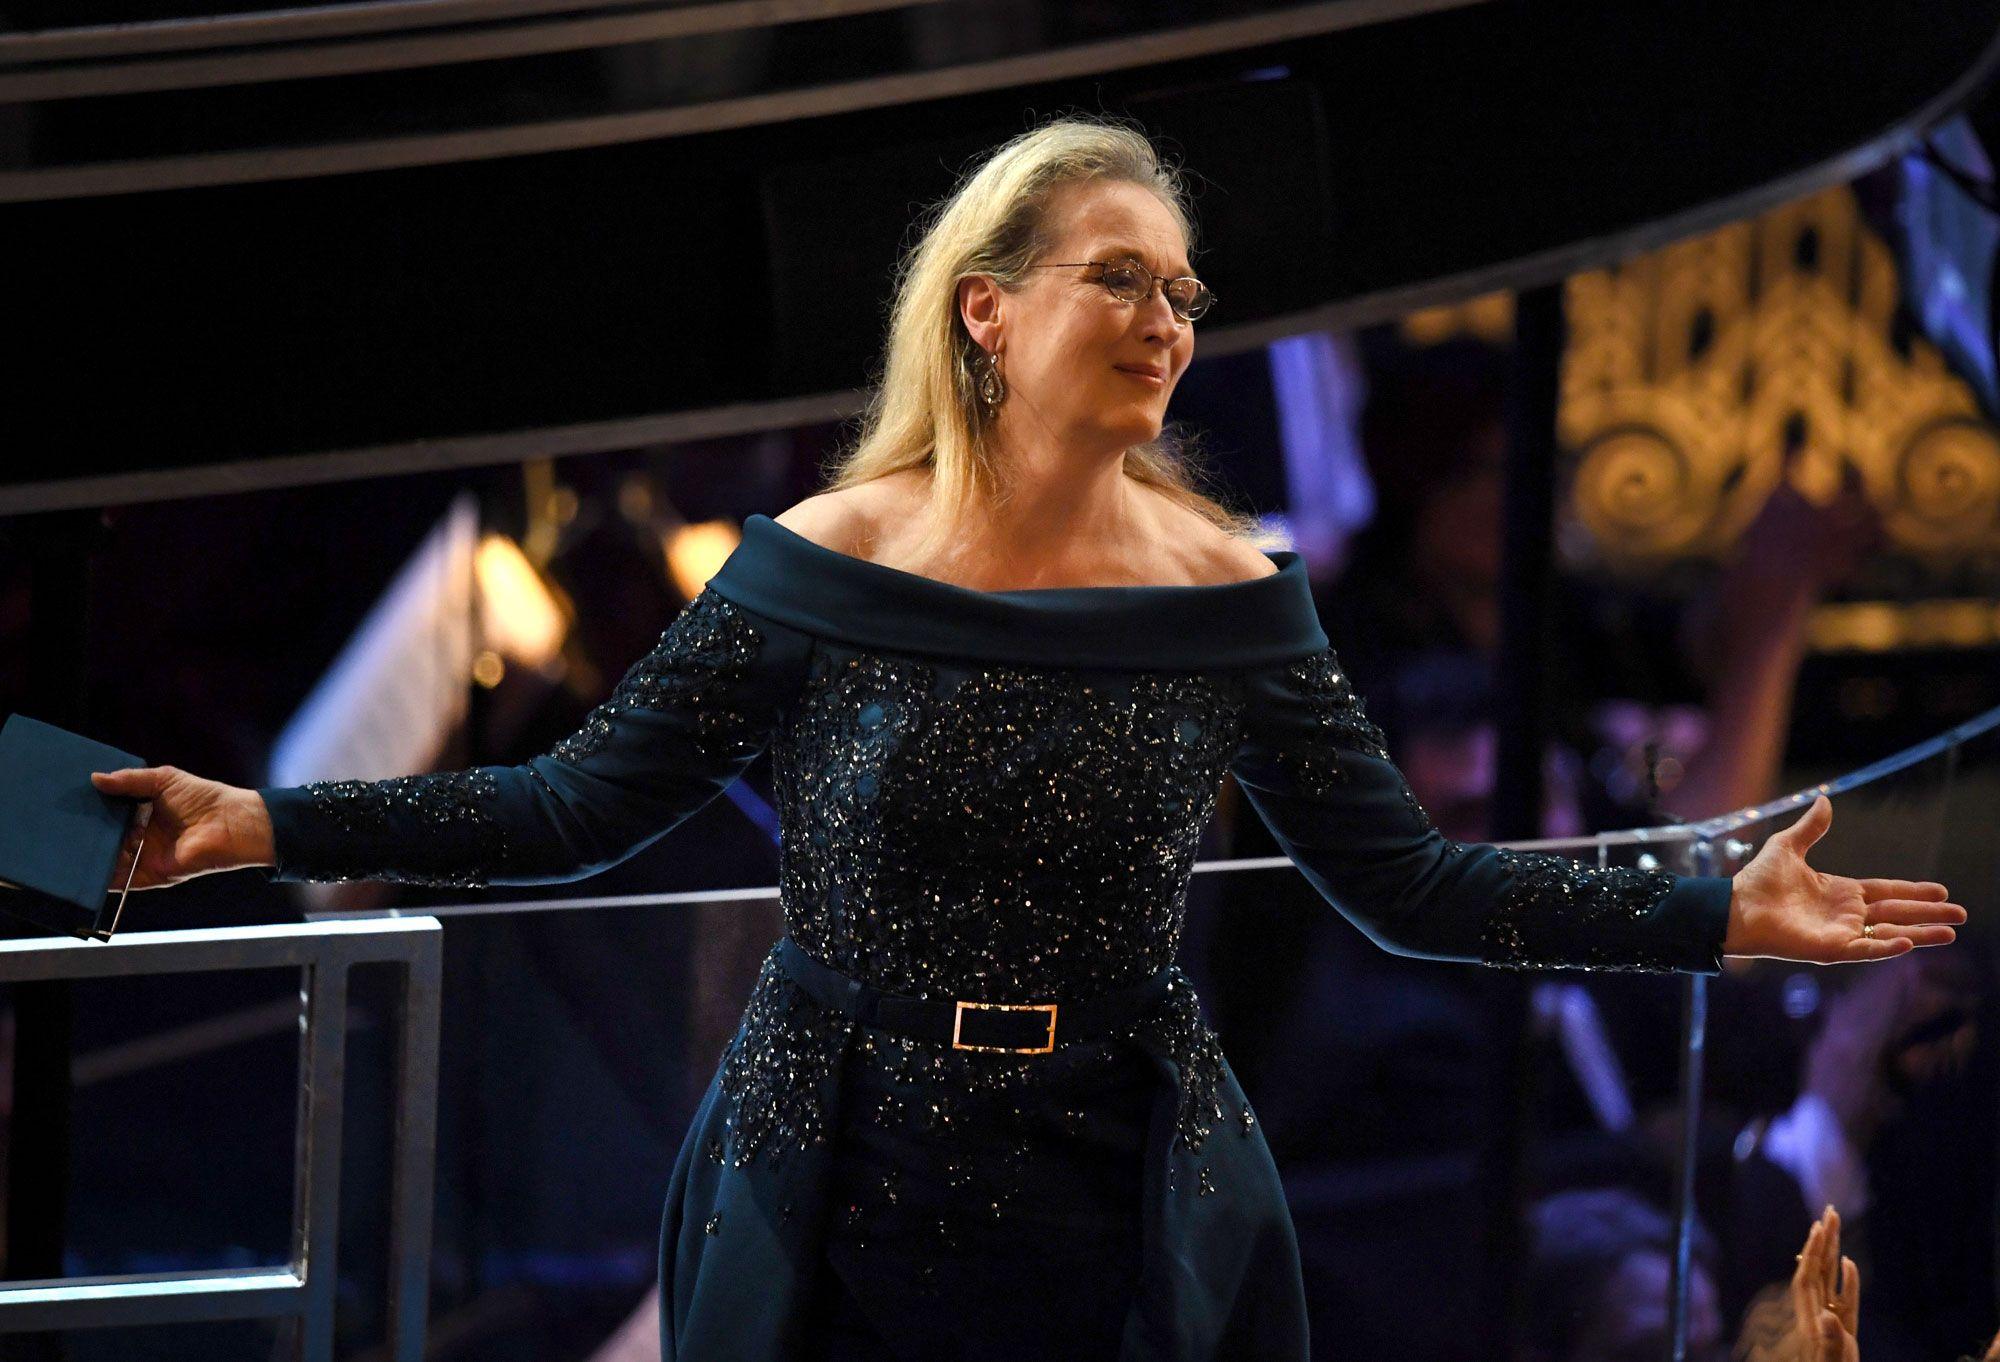 Merly Streep Dress on Oscar